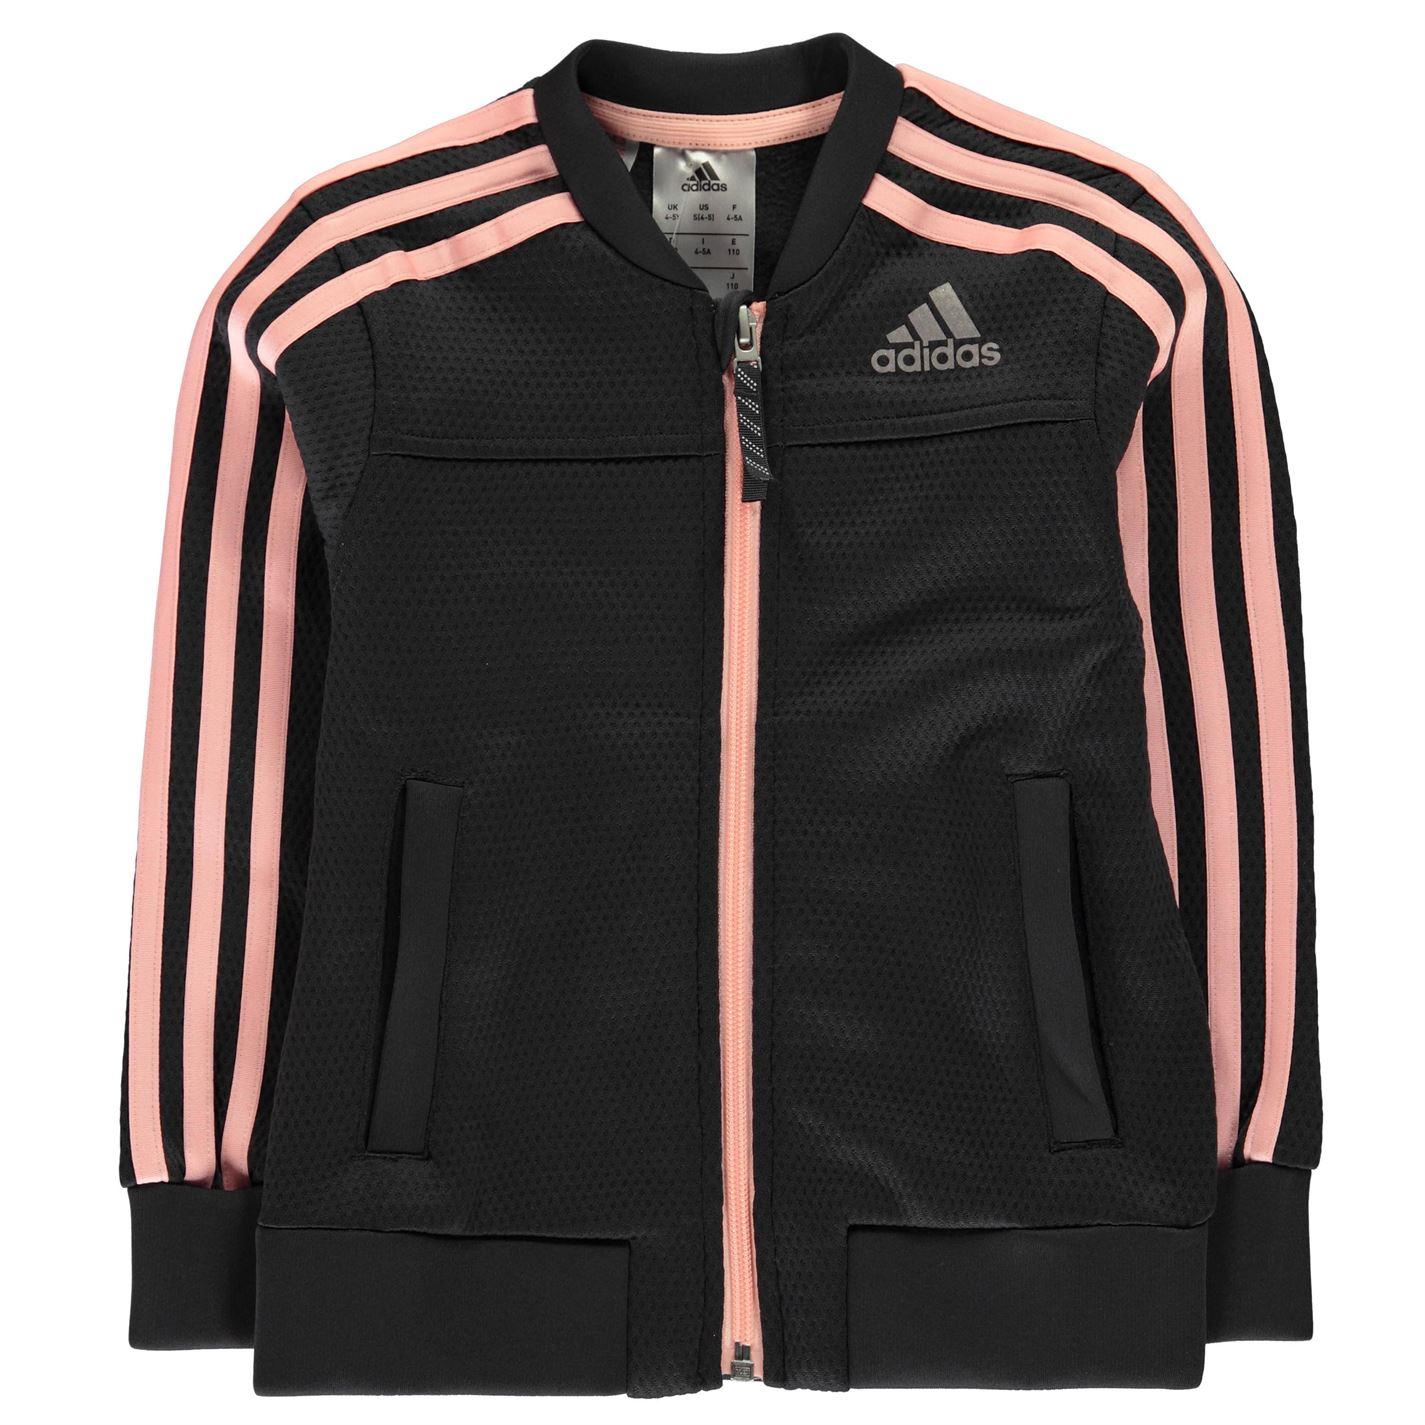 Adidas PES Cover Up Jacket Child Girls